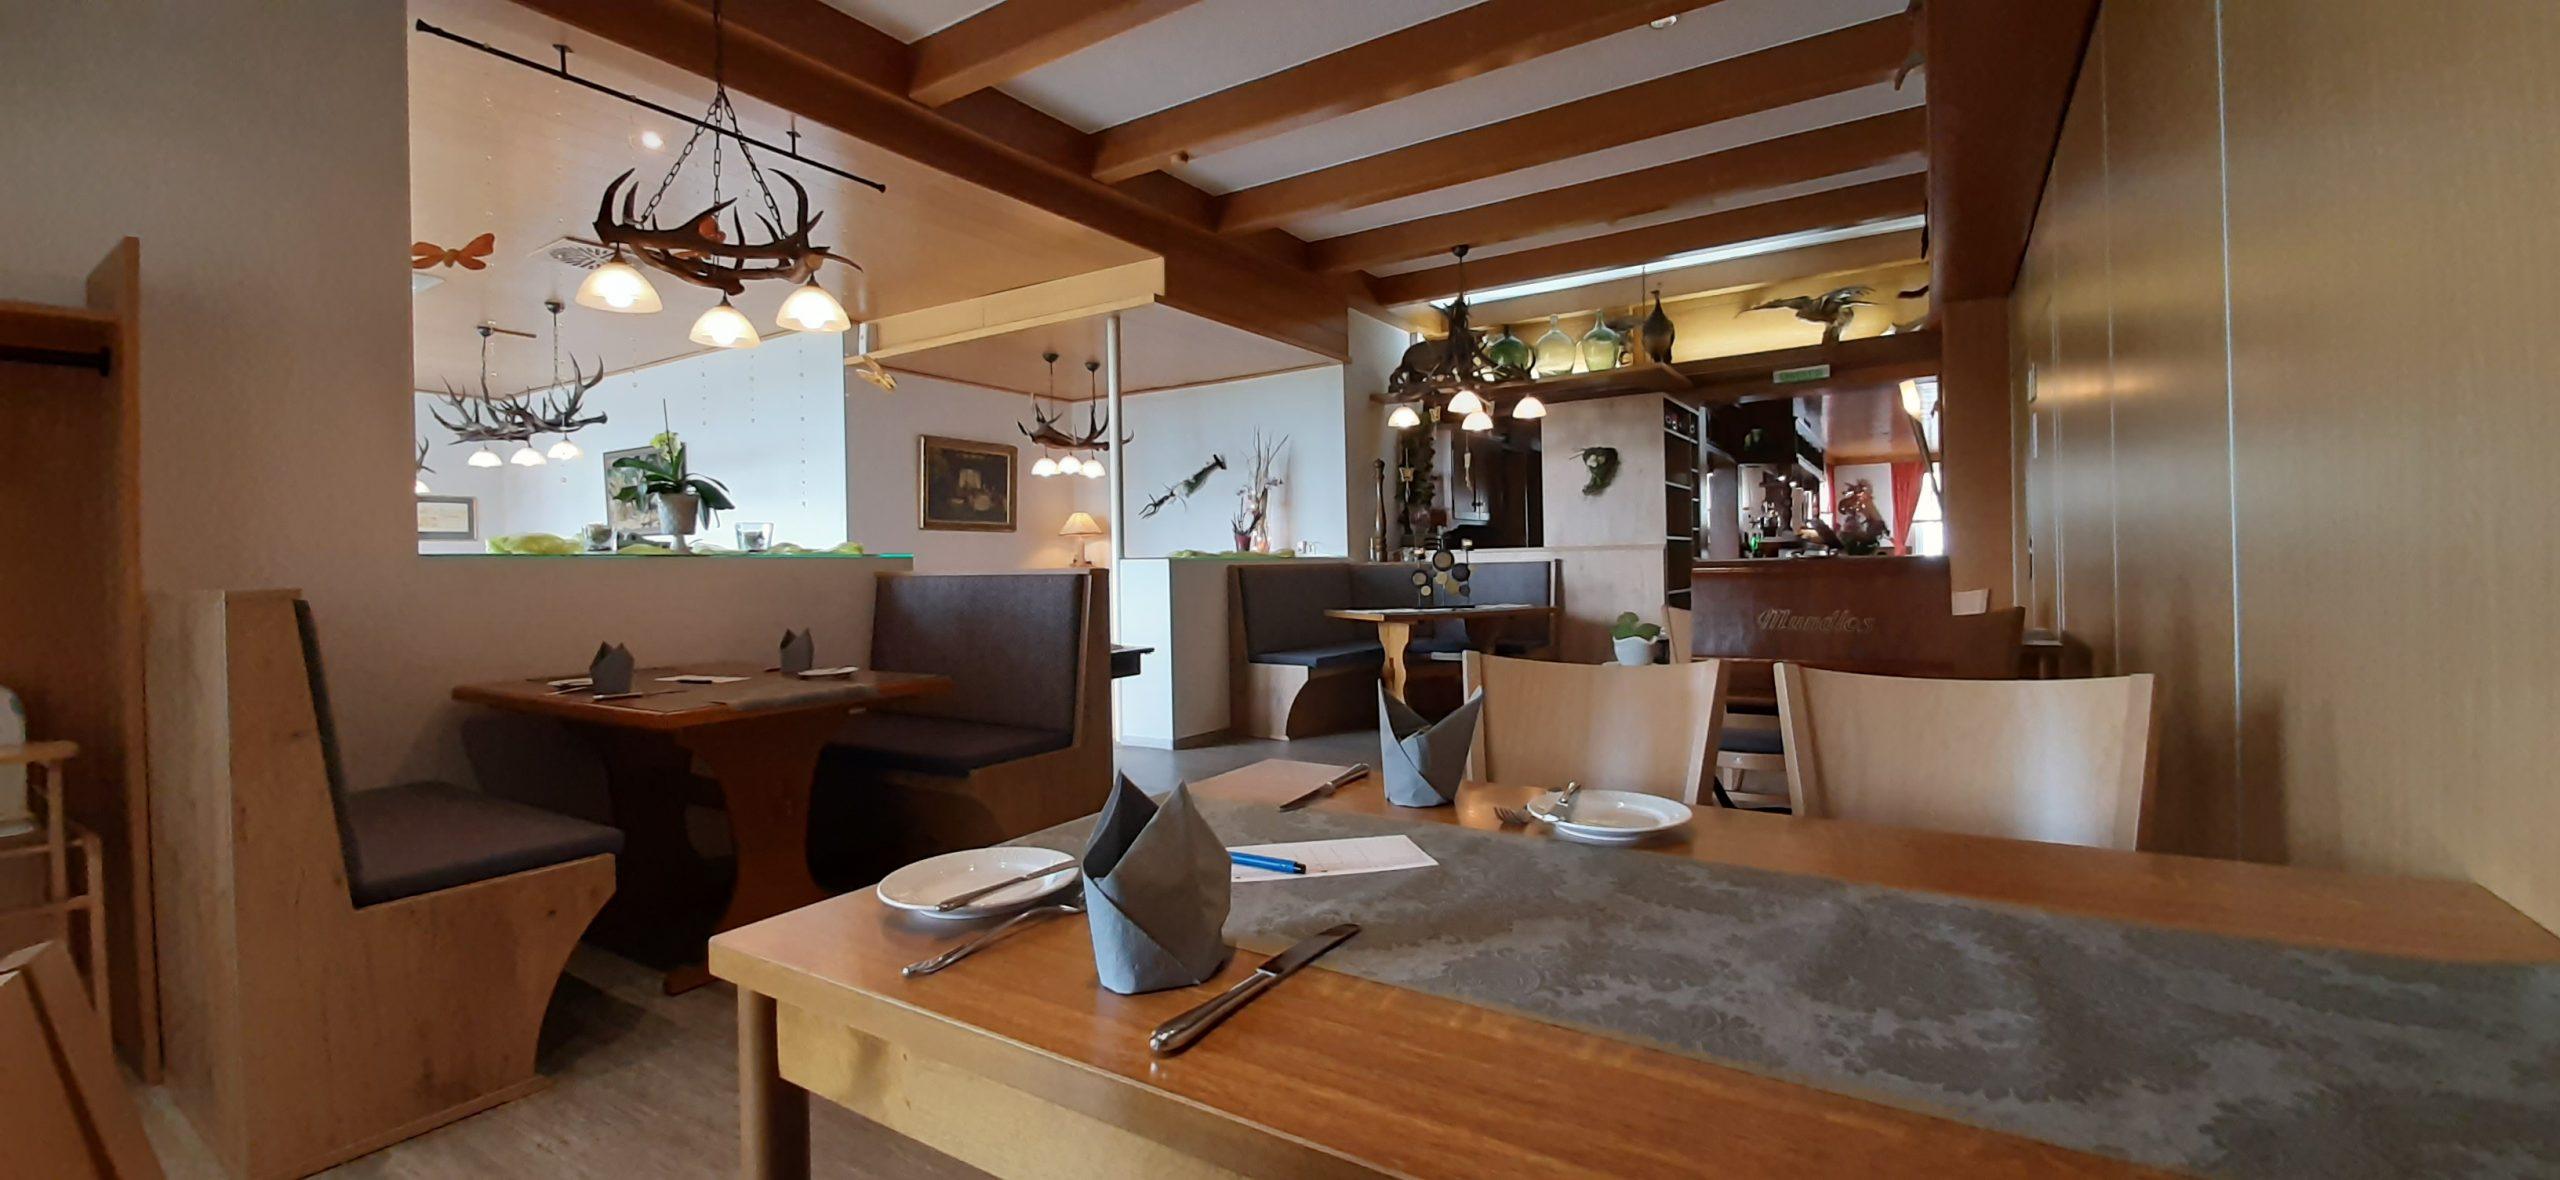 Restaurant 2020 Tisch 89